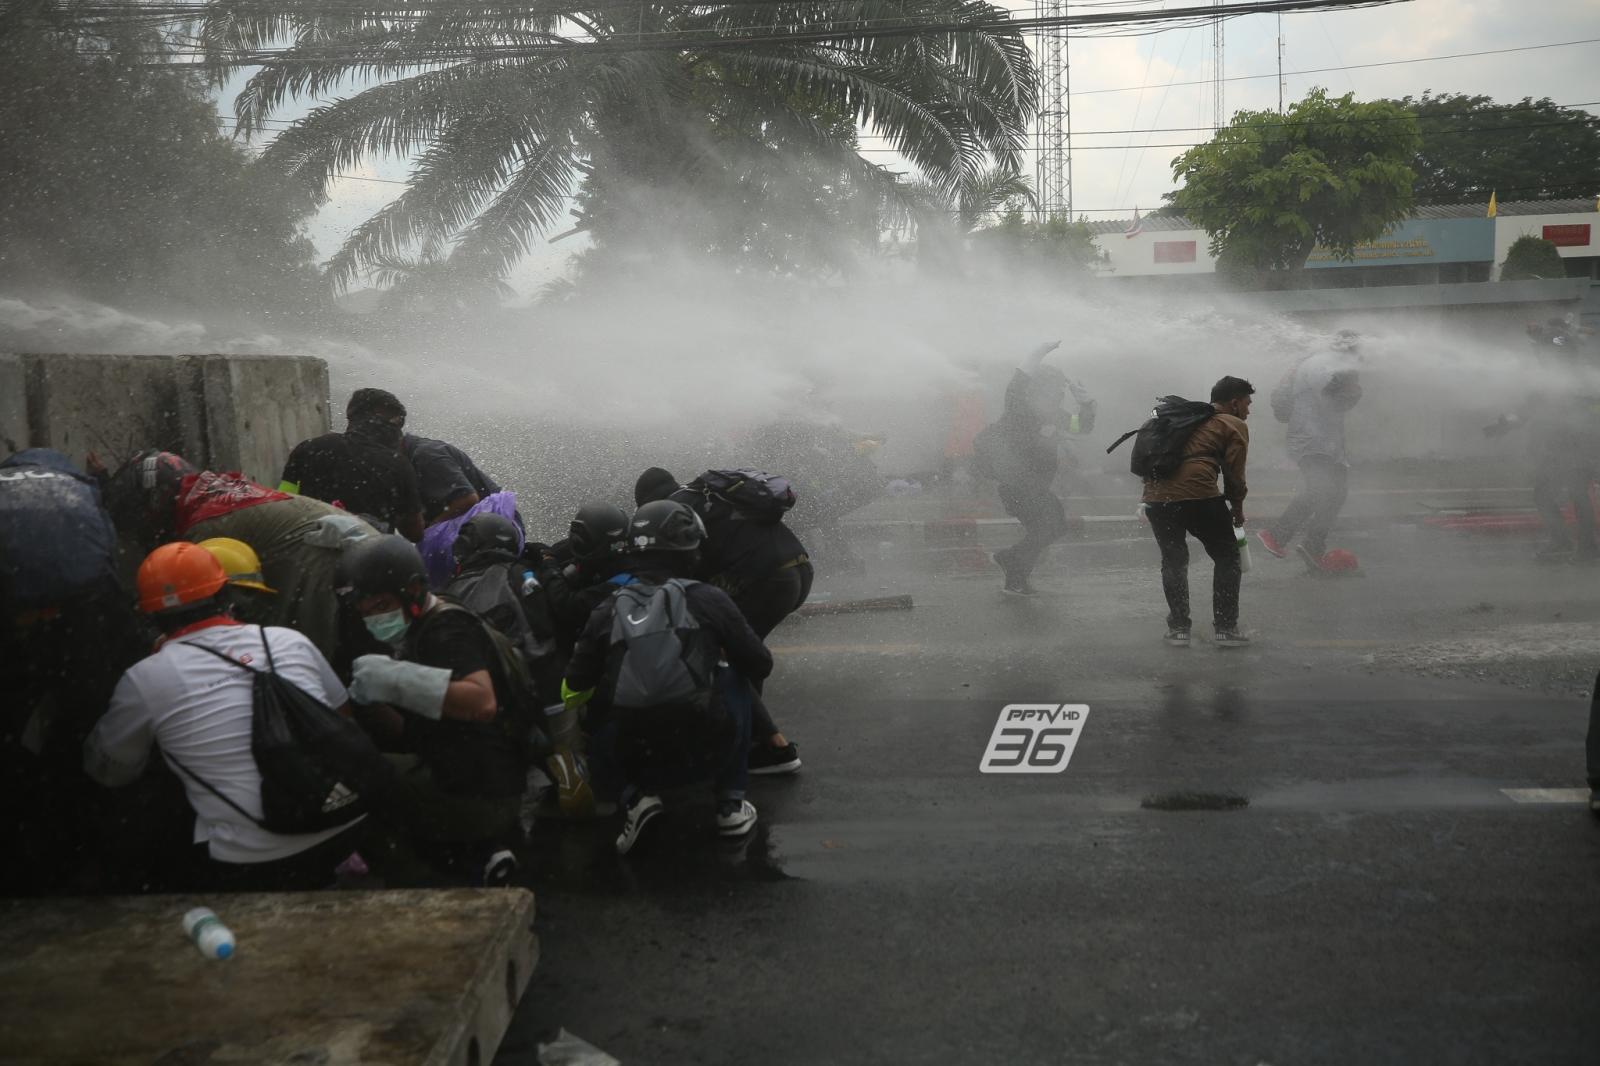 สามเสน เกียกกาย เดือด! ยิงแก๊สน้ำตาไม่หยุด ตำรวจป้องกันรัฐสภา 'ส.ส. - ส.ว.' ชิ่งหนีทางเรือ